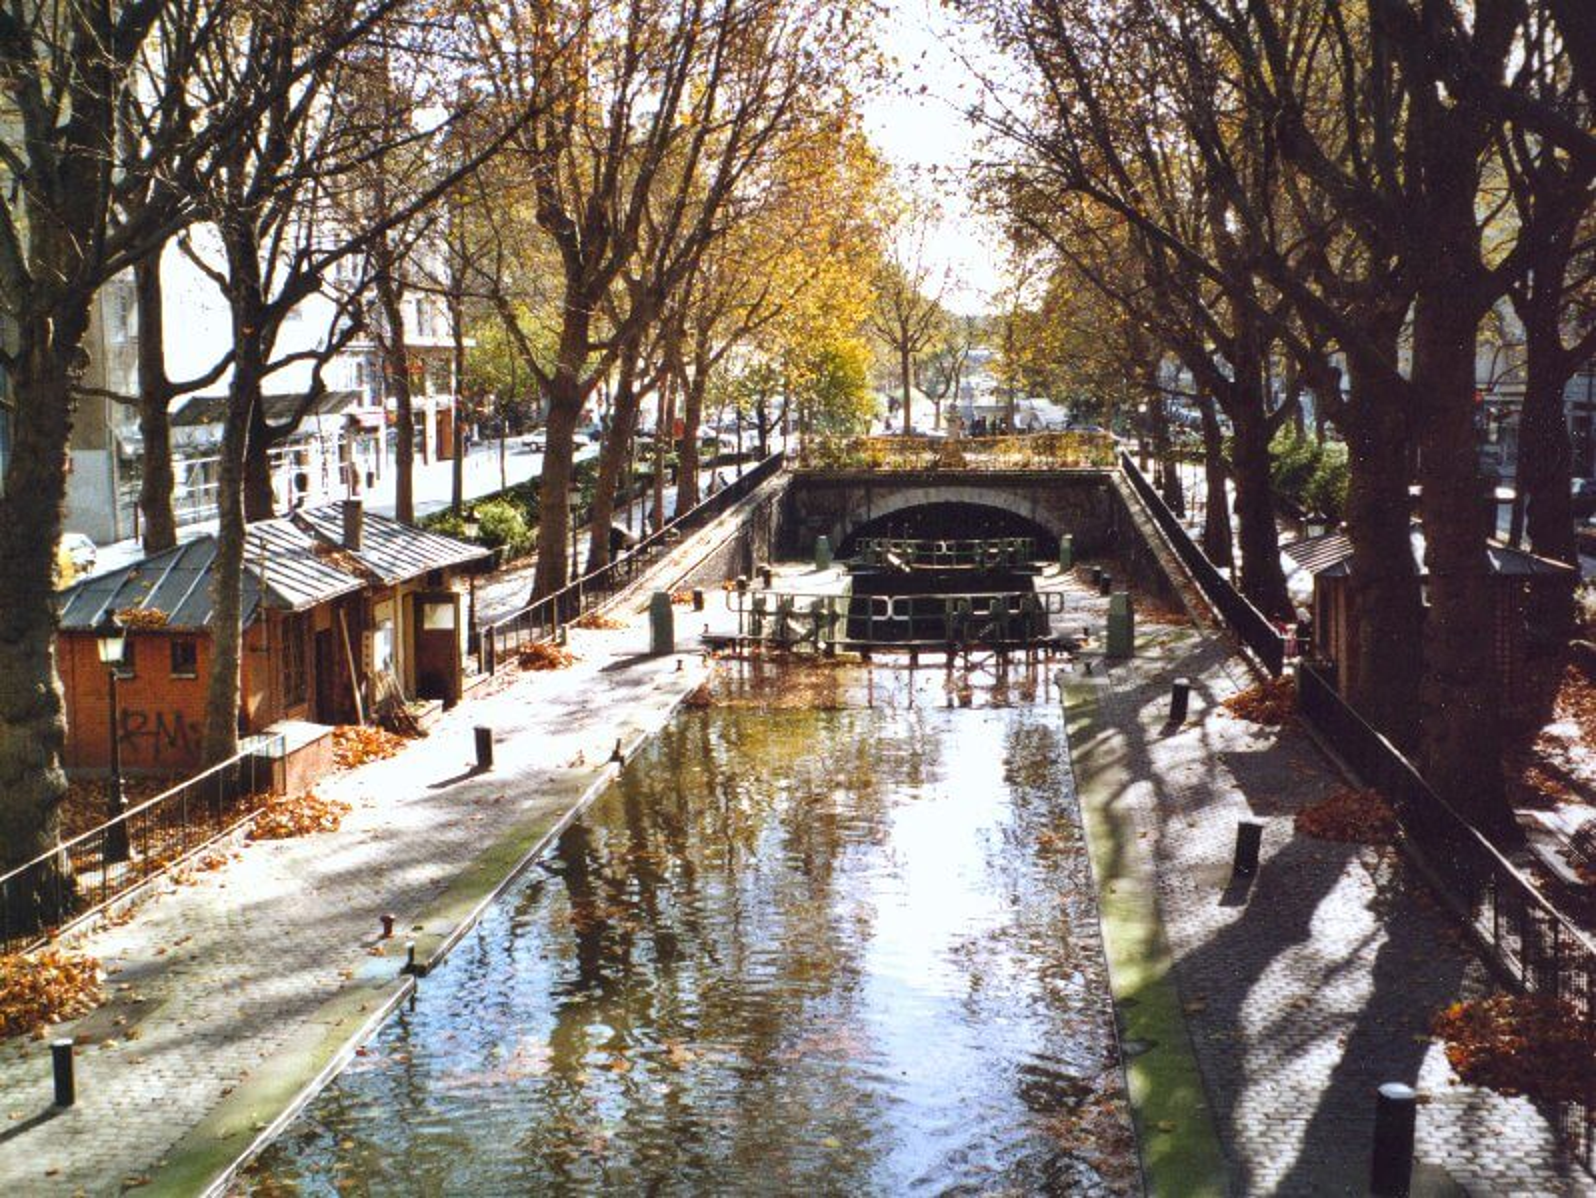 Une croisière en bateau sur le canal Saint-Martin à Paris